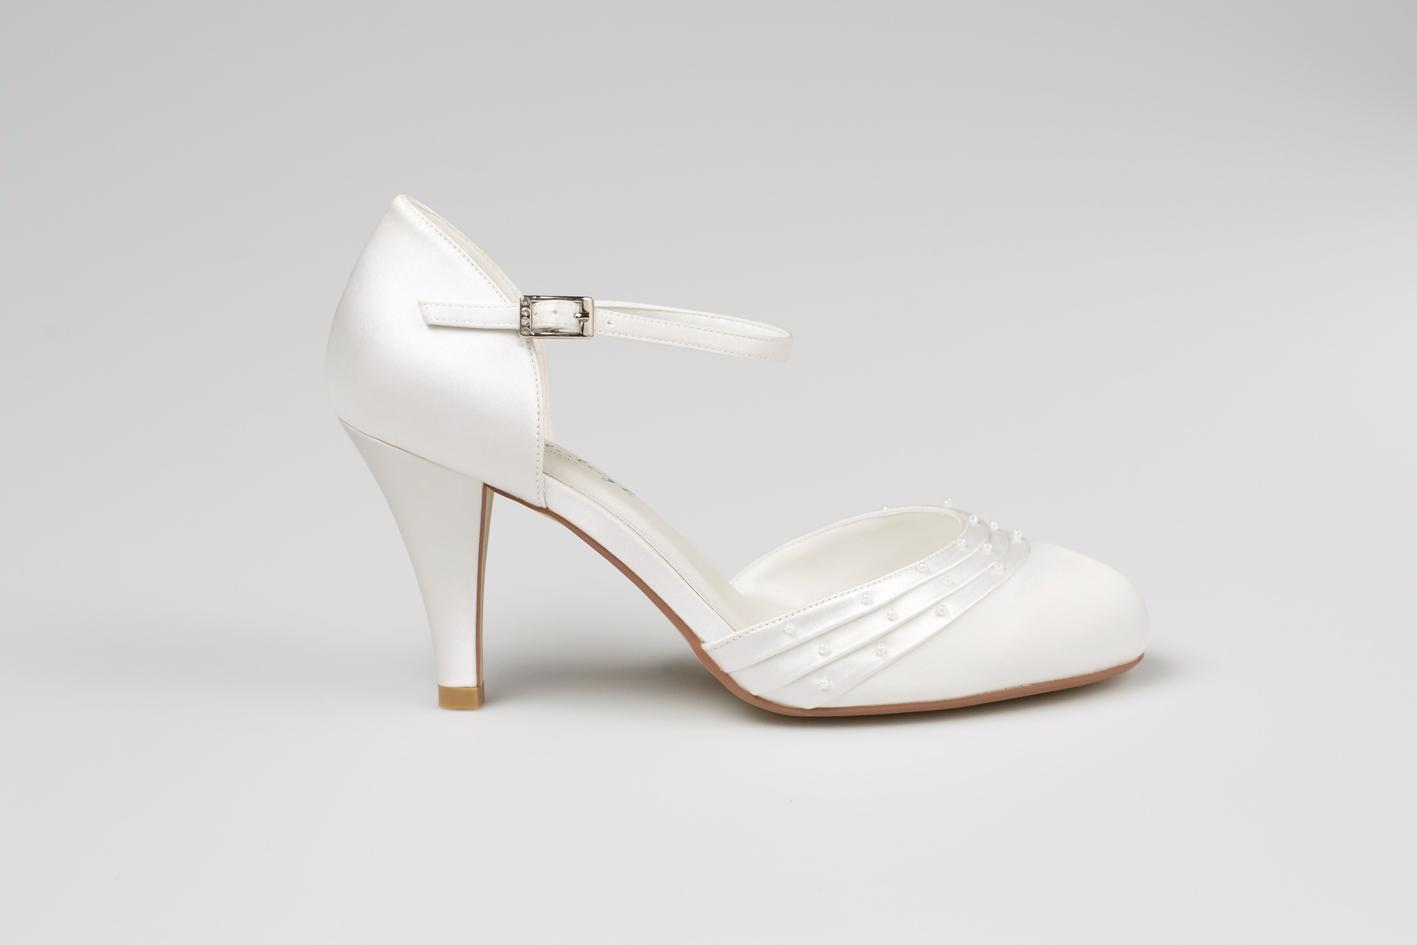 Svadobné topánky Melissa, G. Westerleigh - Obrázok č. 2